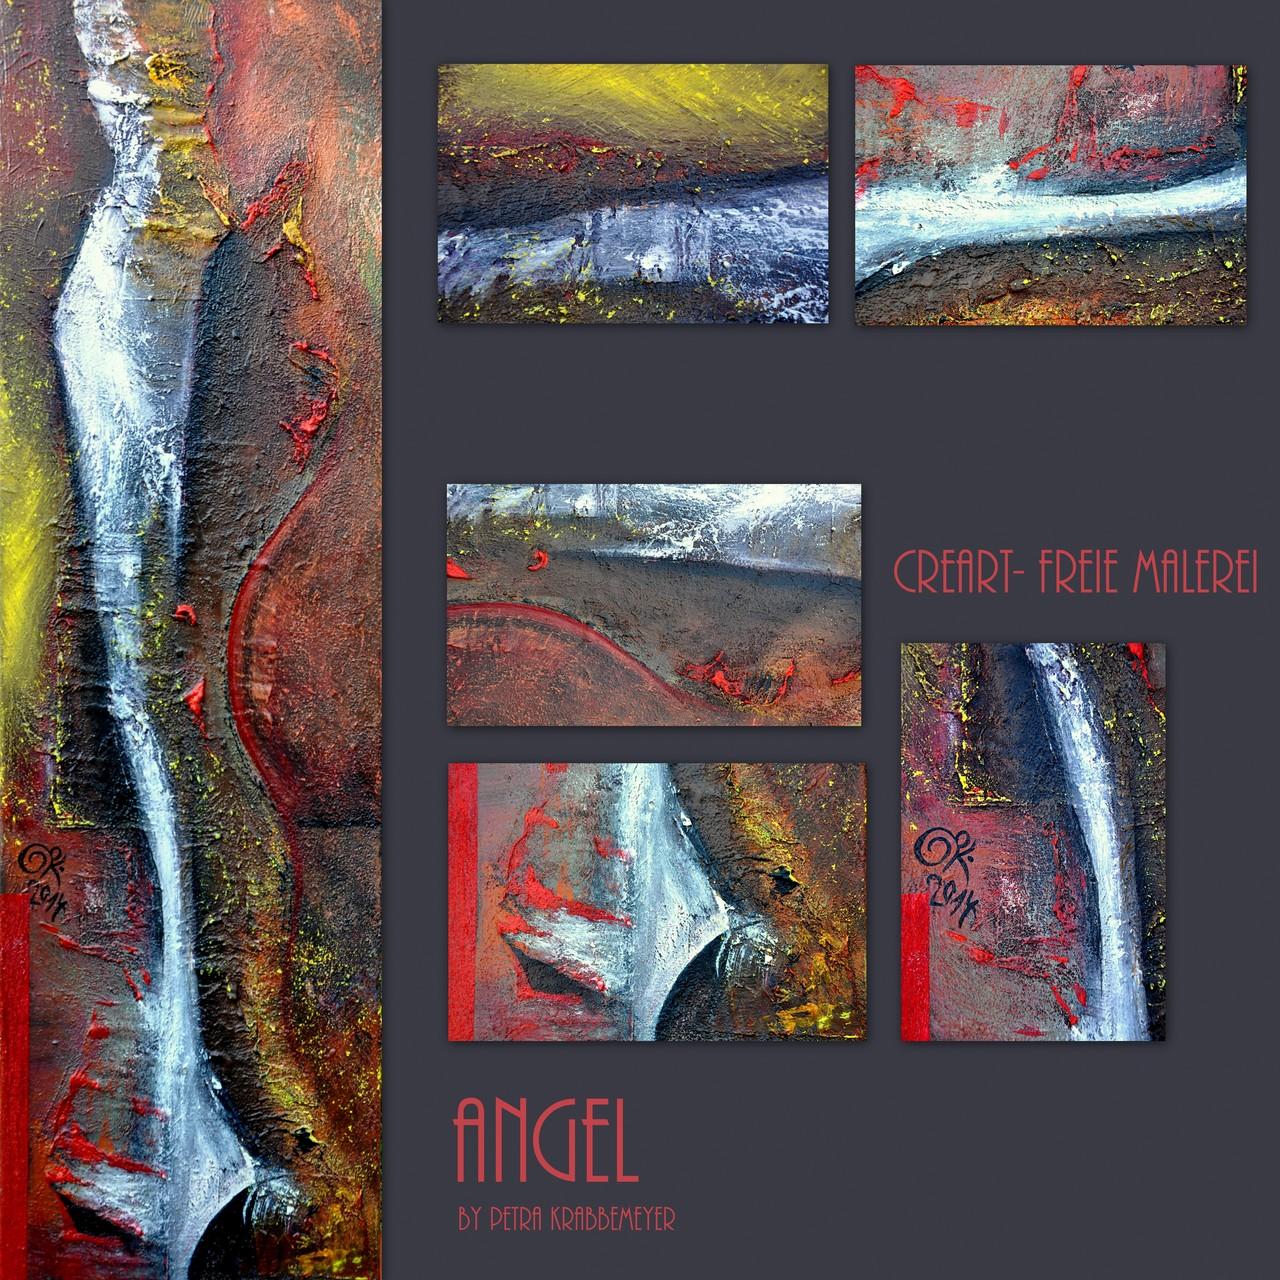 ANGEL/ Acryl auf Leinwand/ 40x100 verkauft